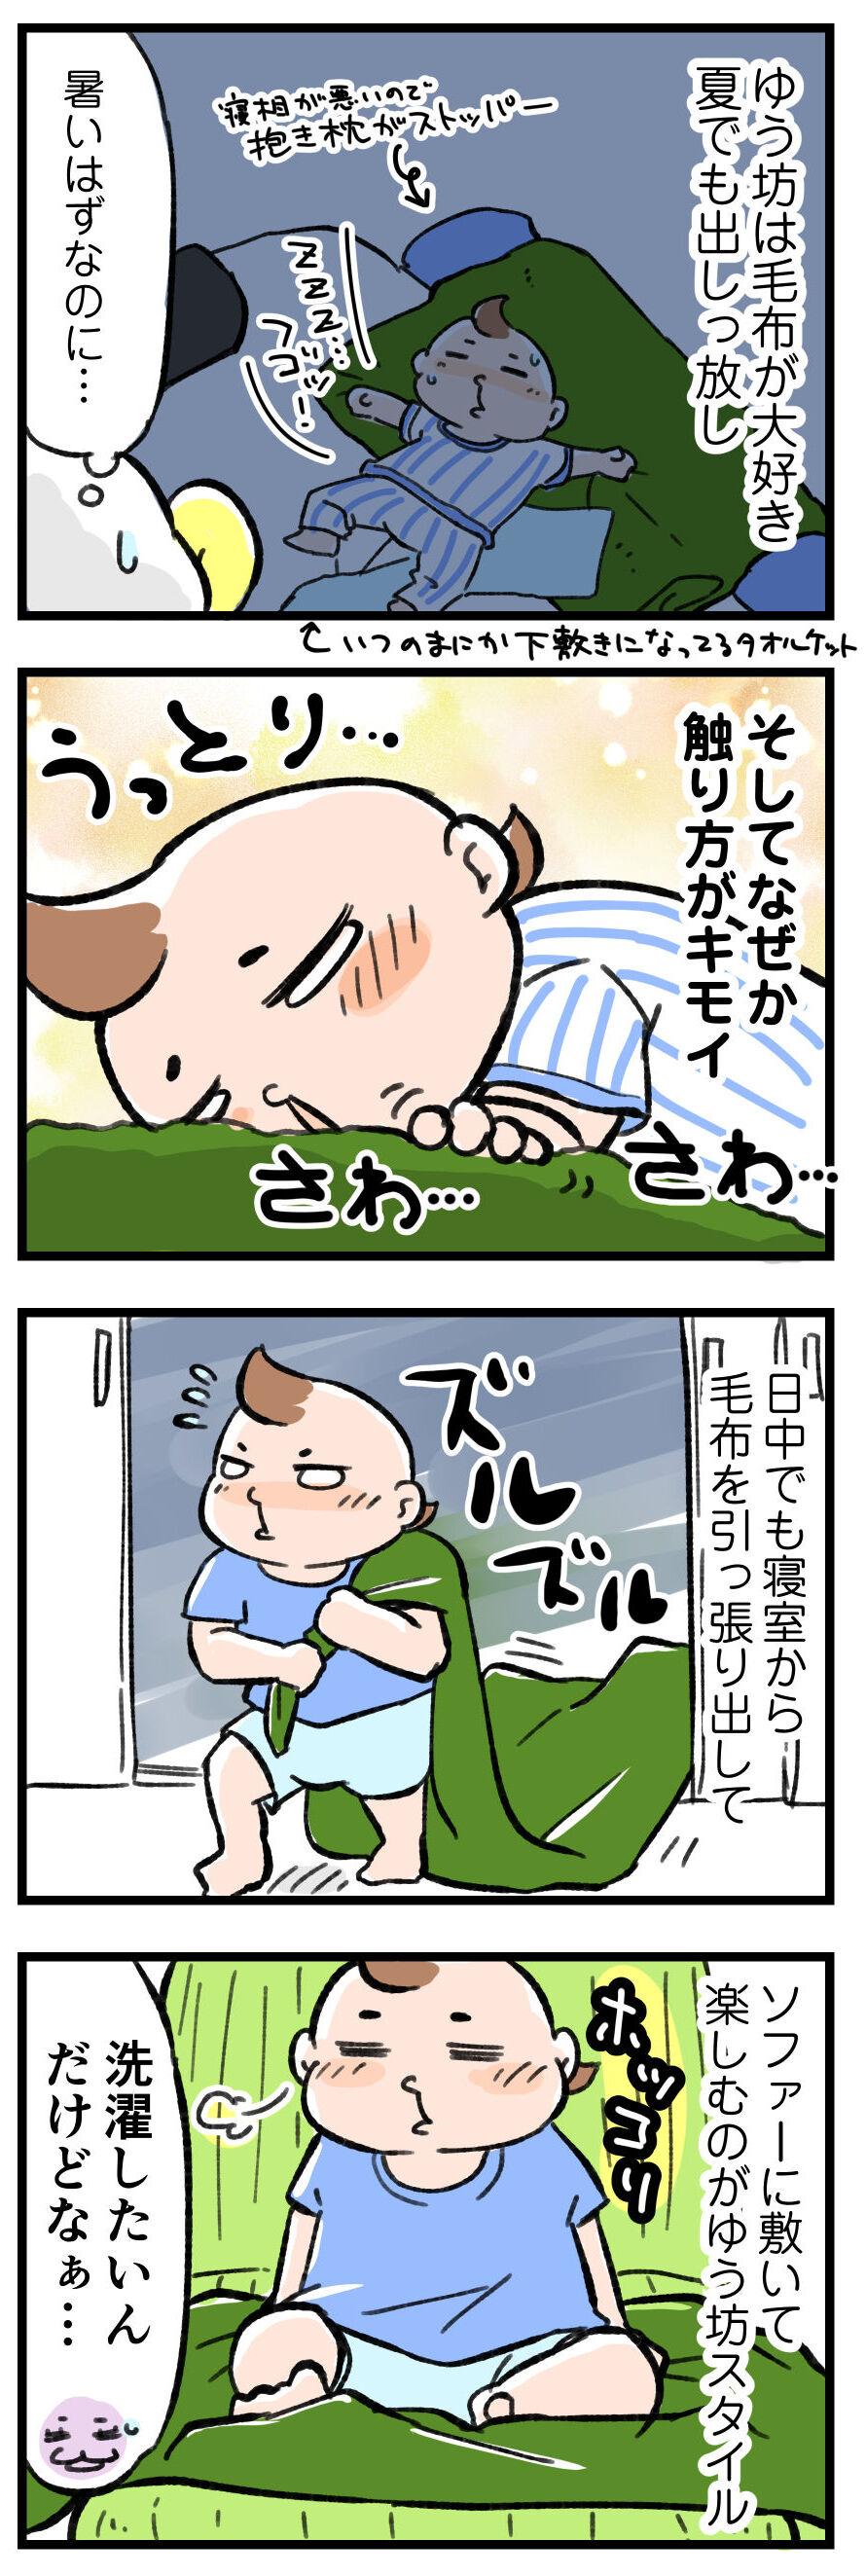 の 毛布 ライナス